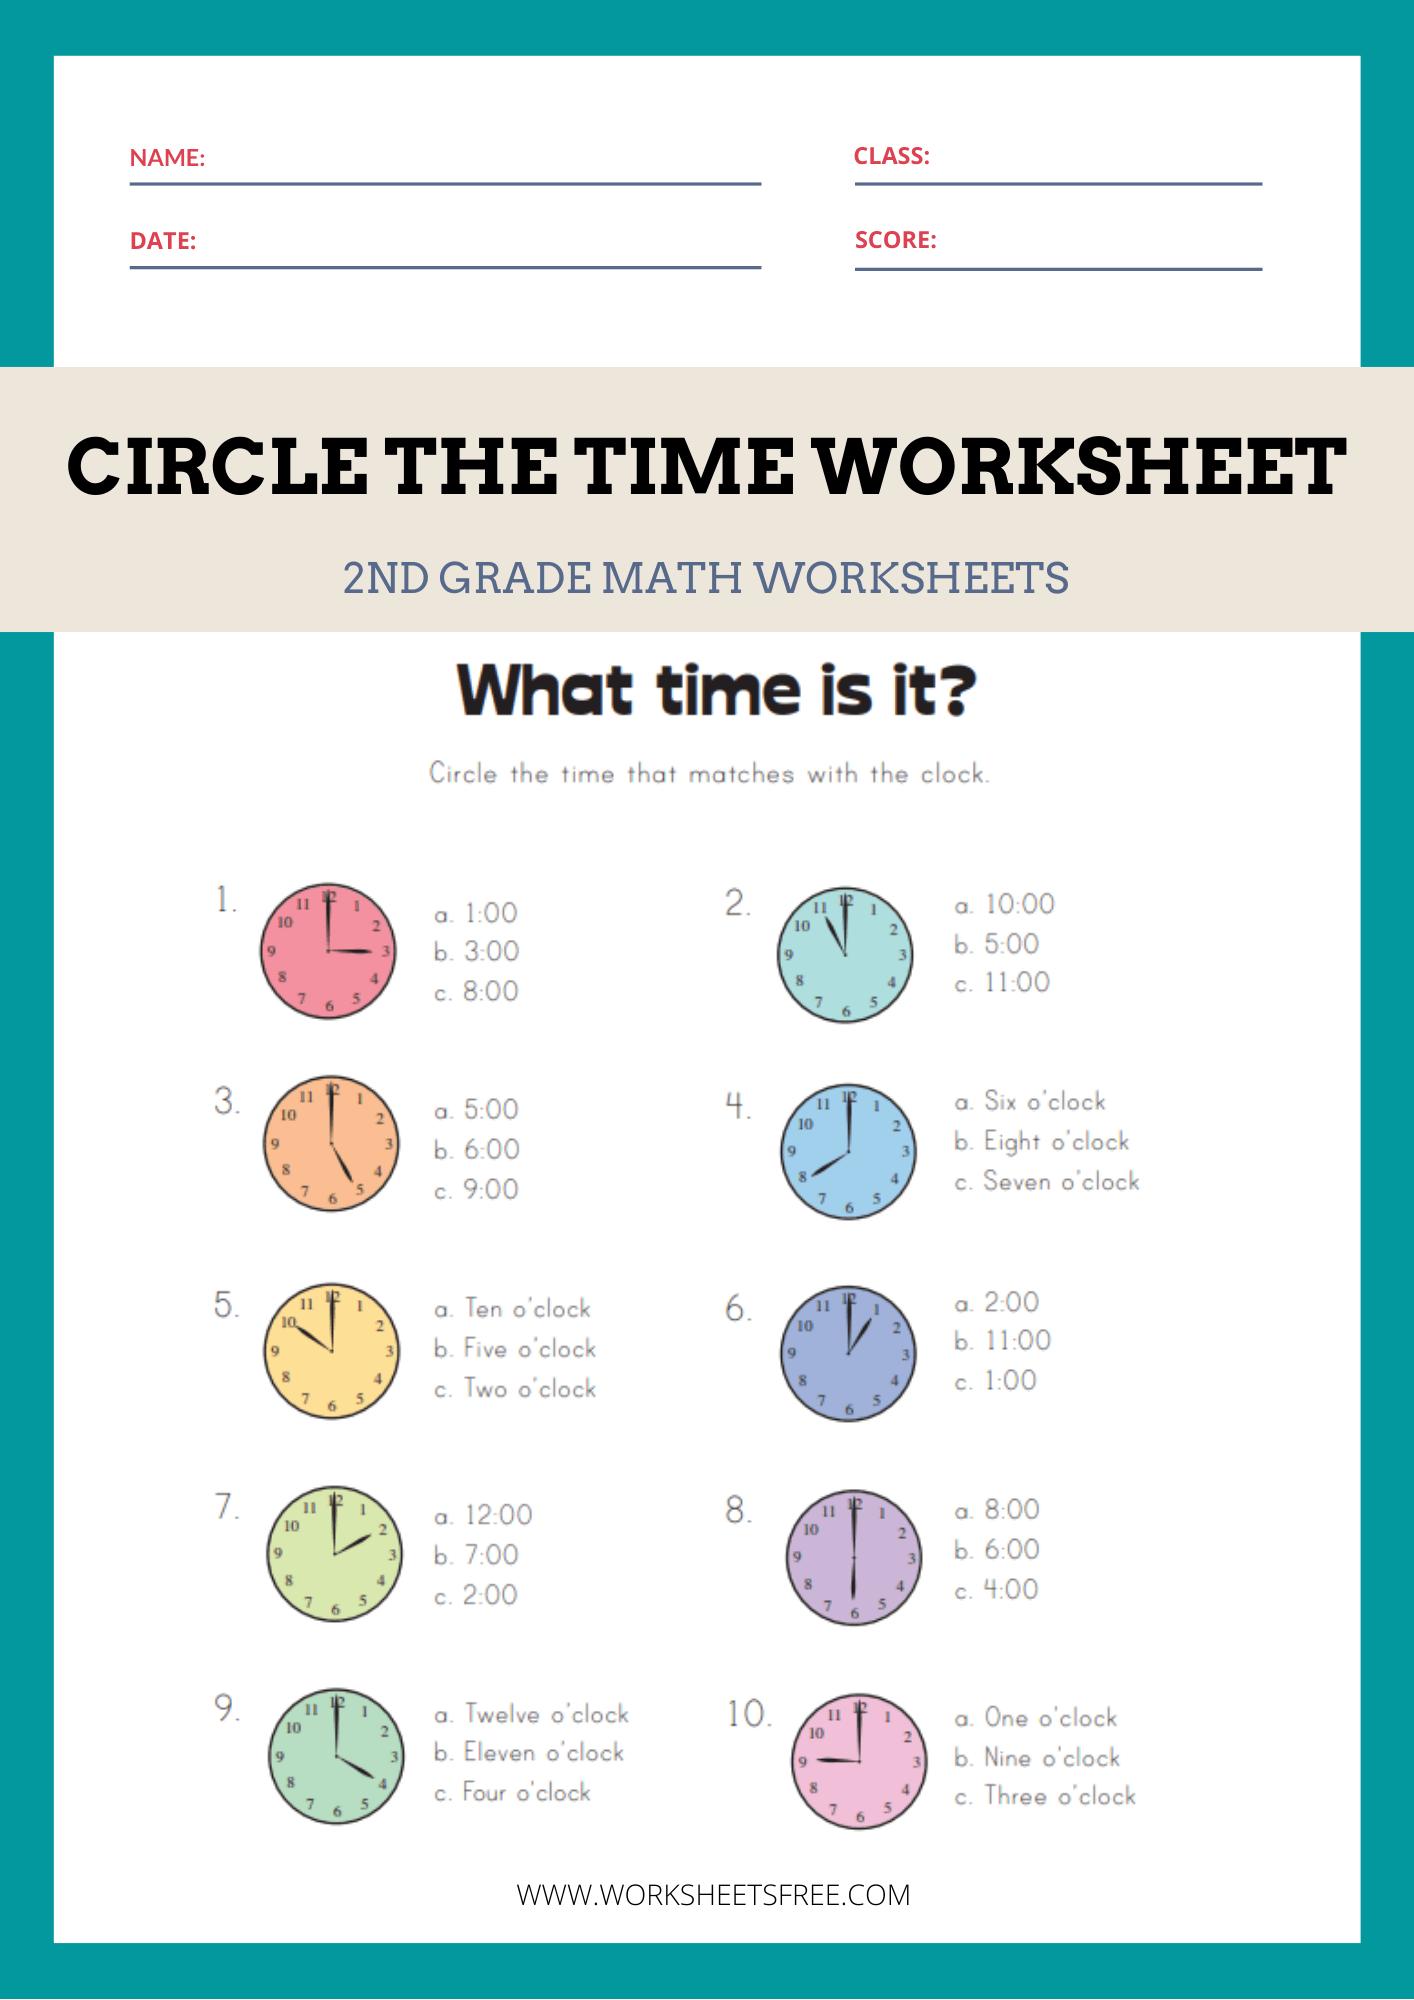 Circle The Time Worksheet